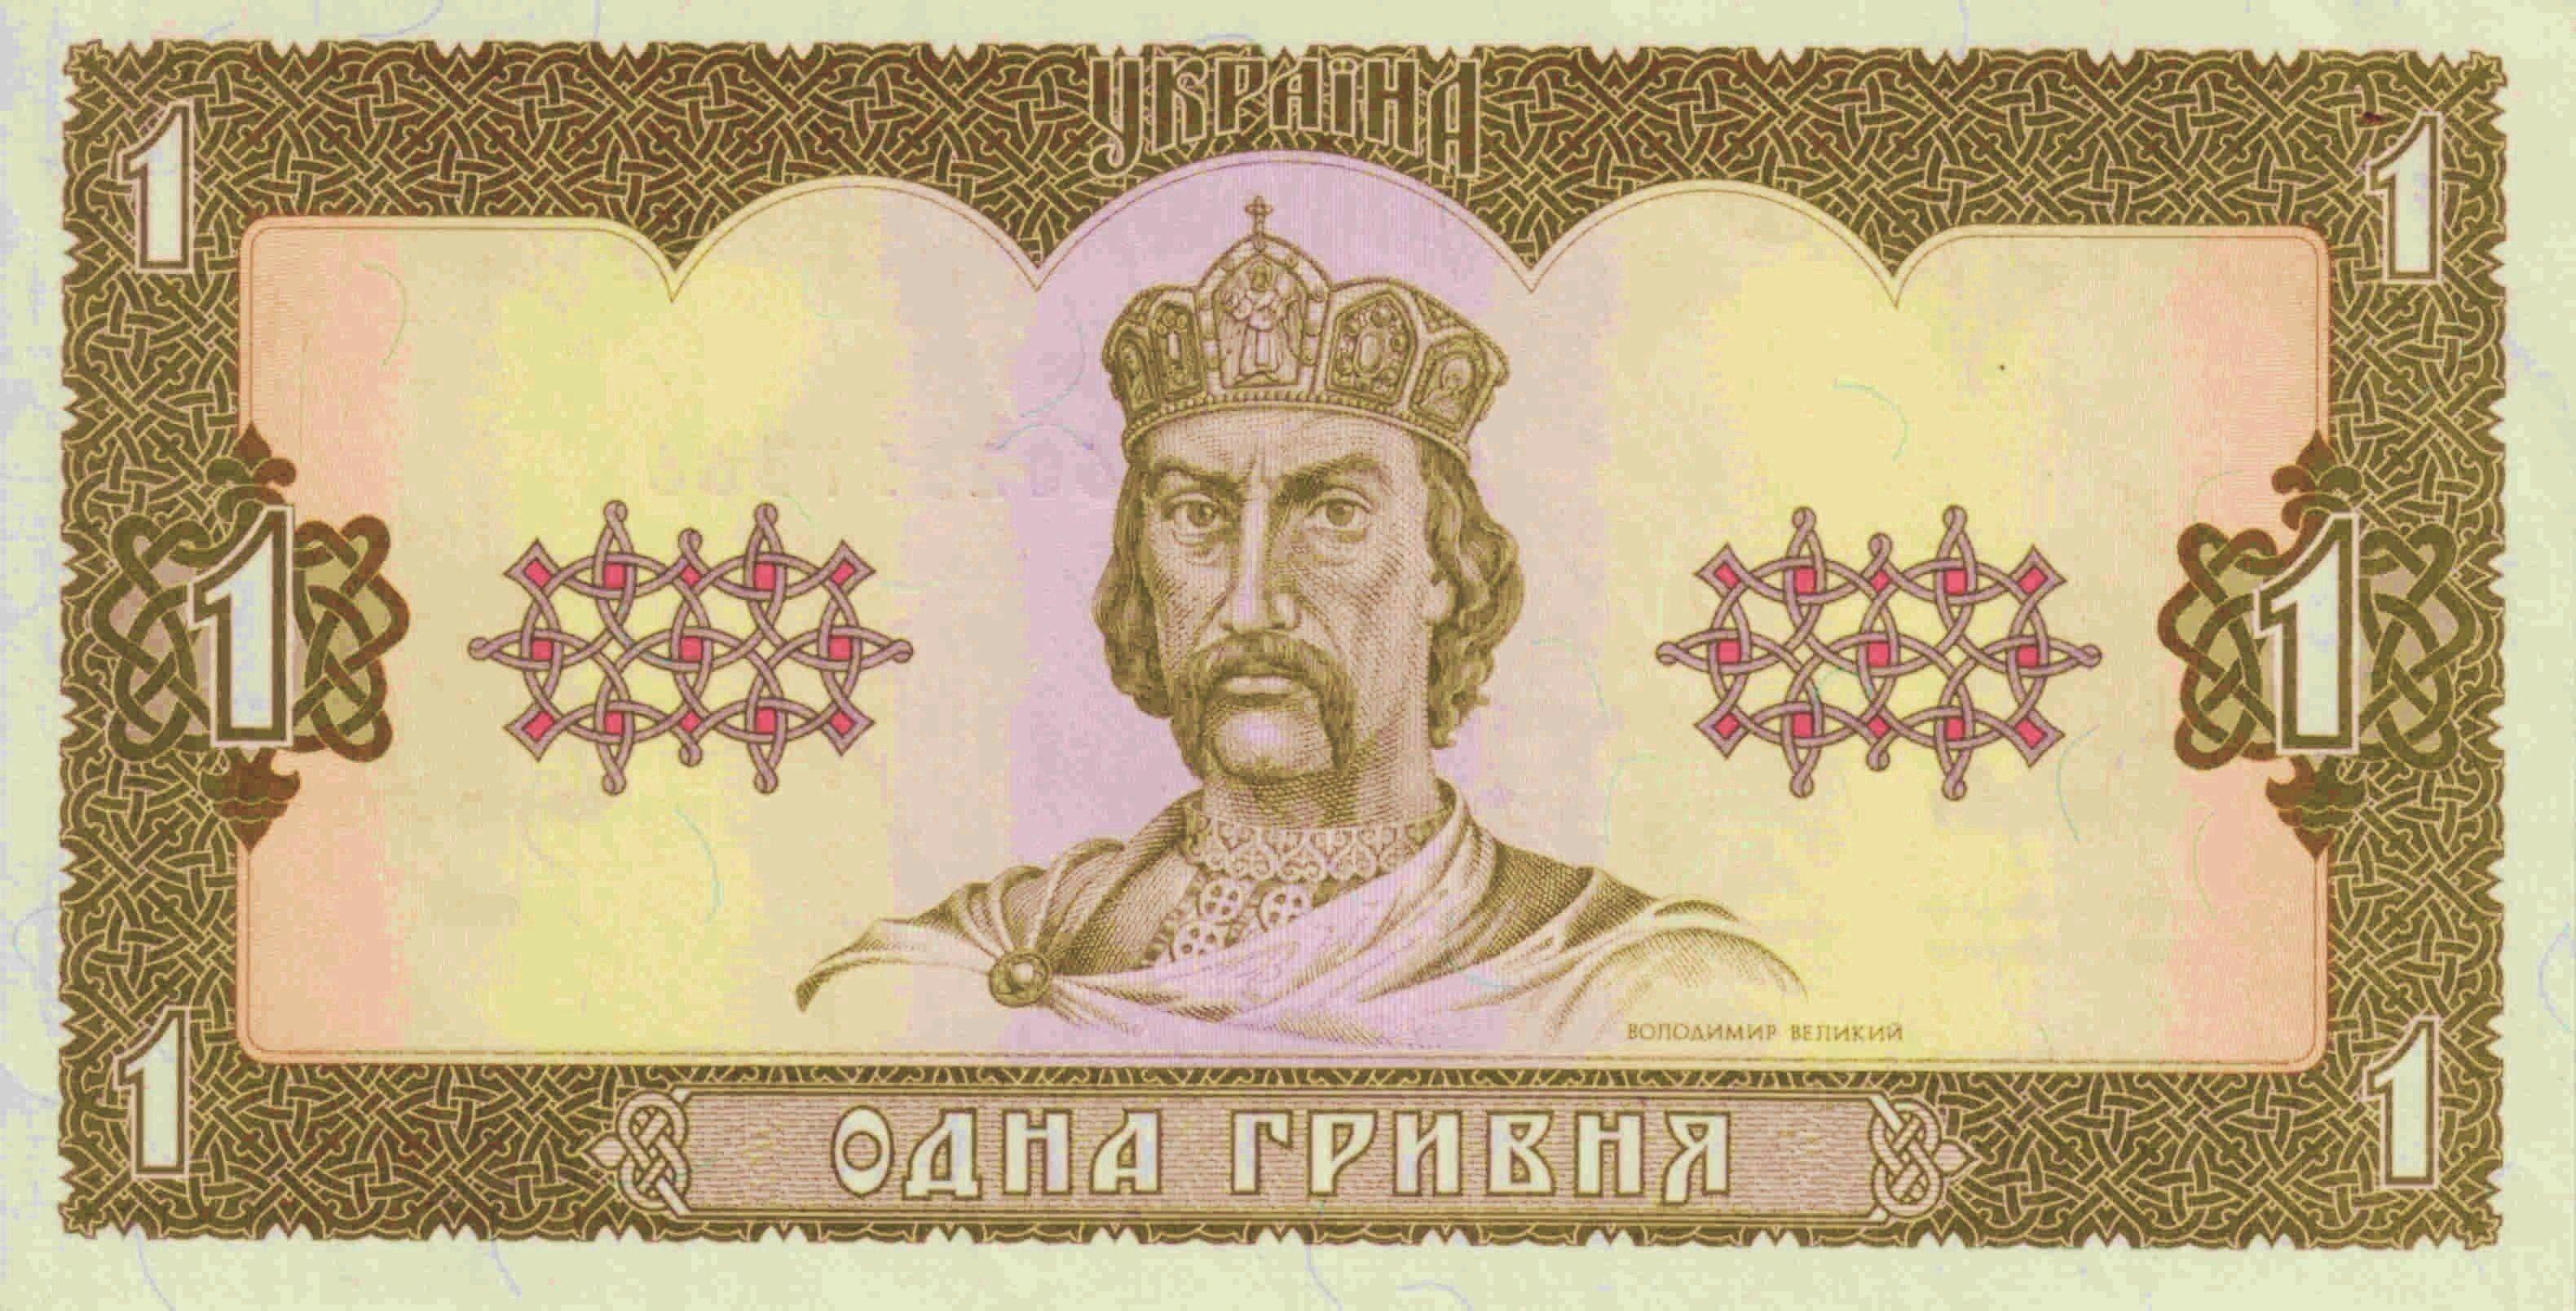 Нацбанк представив нові монети номіналом 1, 2, 5 і 10 грн. Карбування дрібних монет припиняється - Цензор.НЕТ 1735